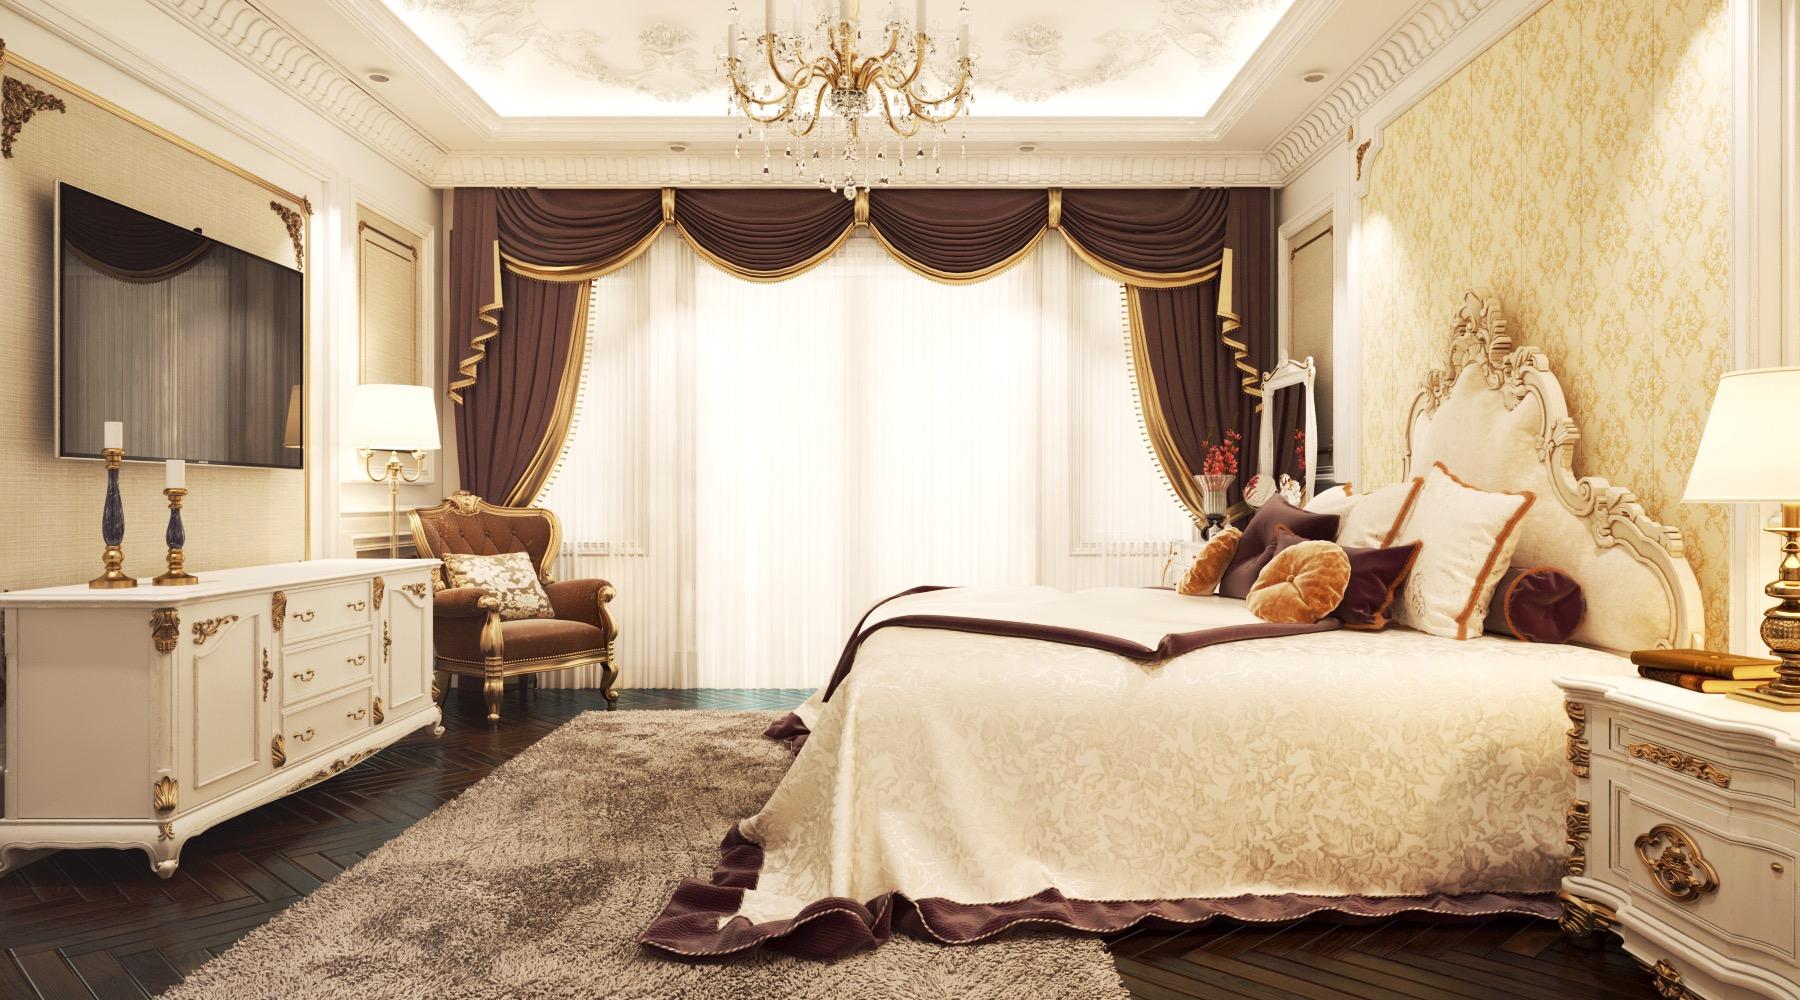 thiết kế nội thất Nhà Mặt Phố tại Bắc Giang Phòng khách cuối năm 5 1549032265